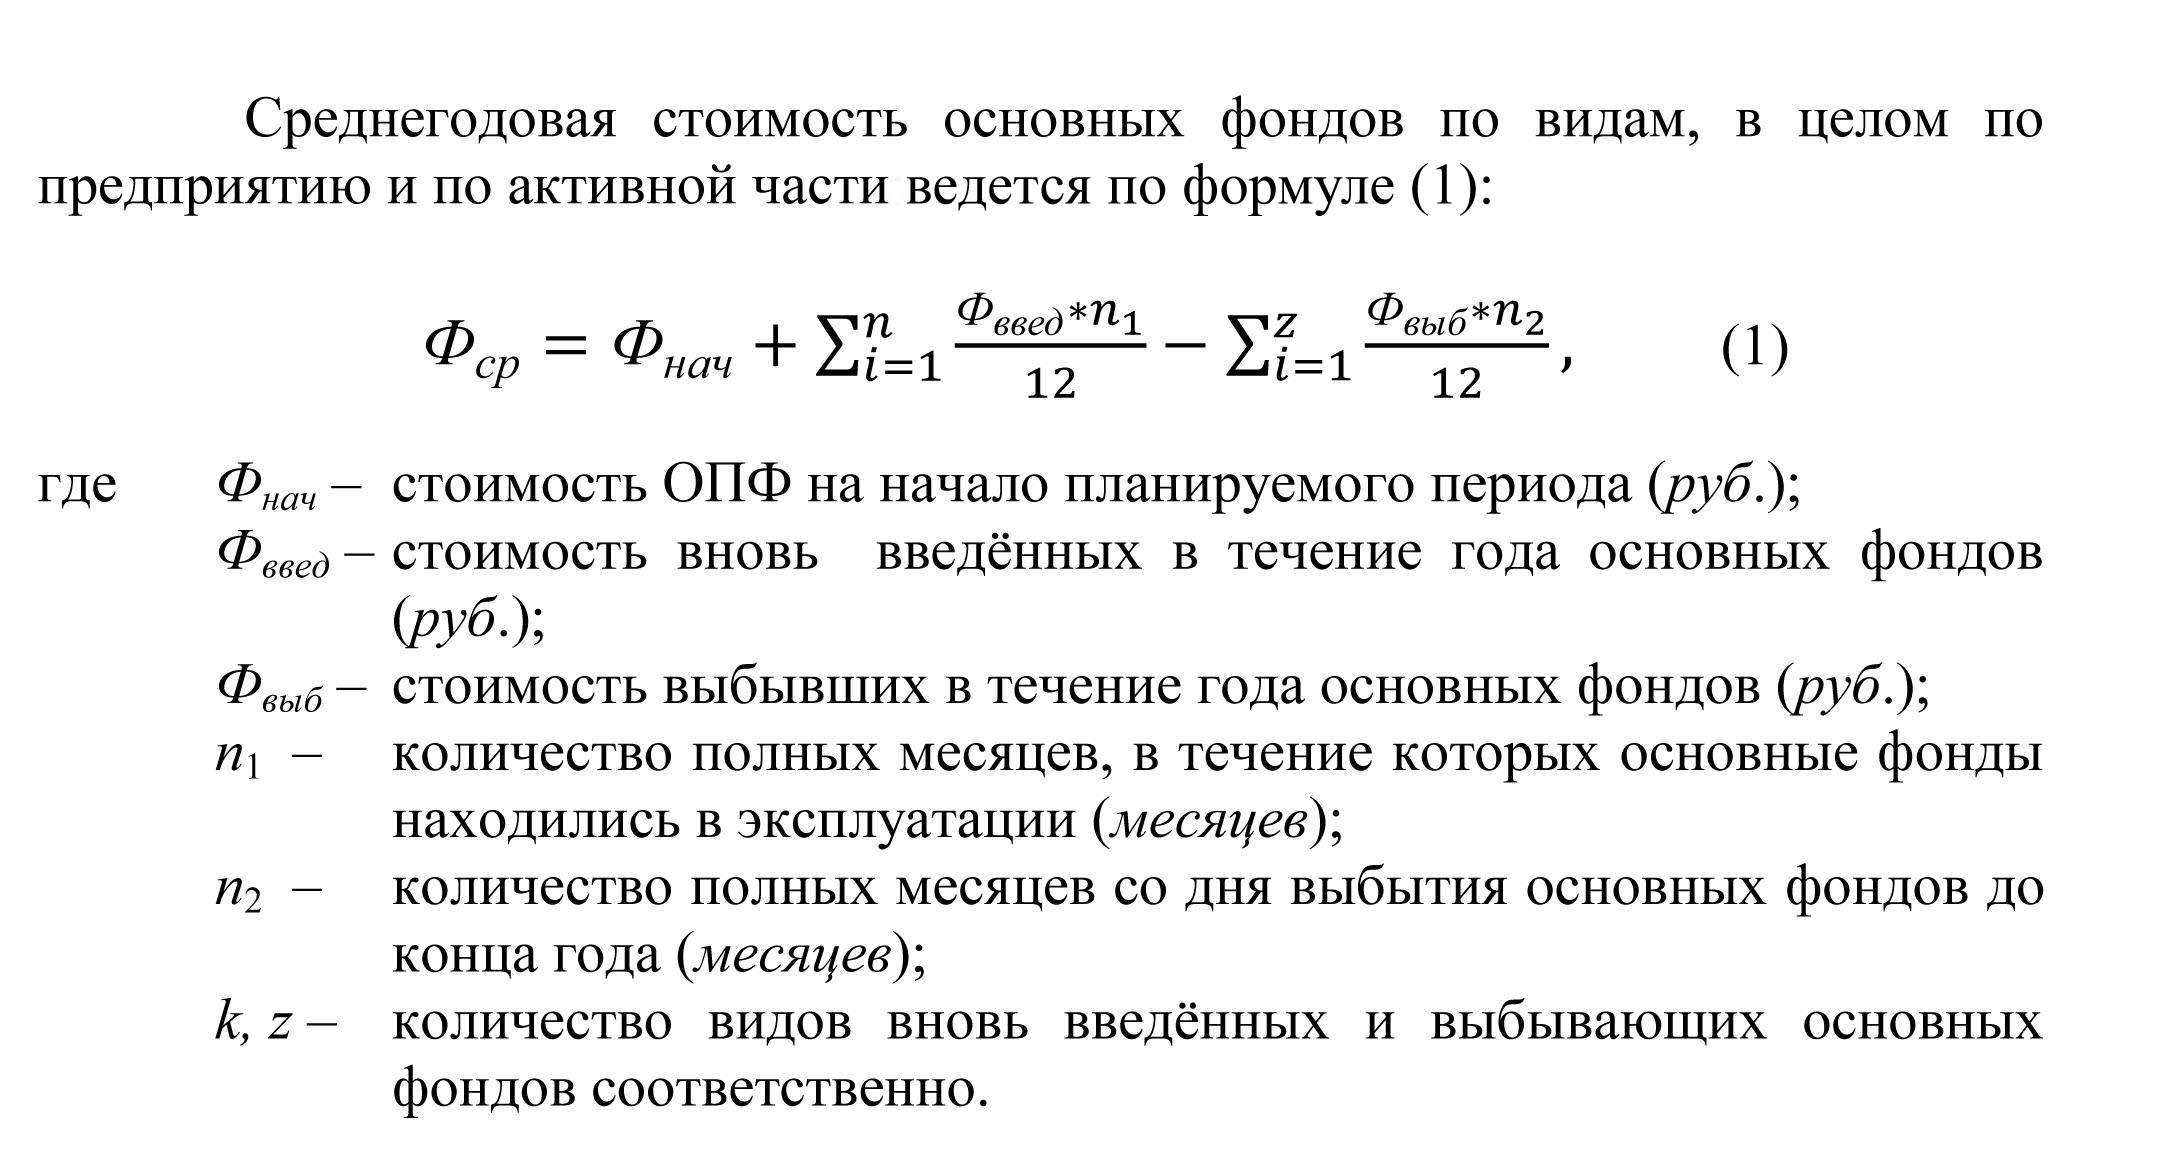 Оформление курсовых работ ieus ef eps trebovania formula jpg